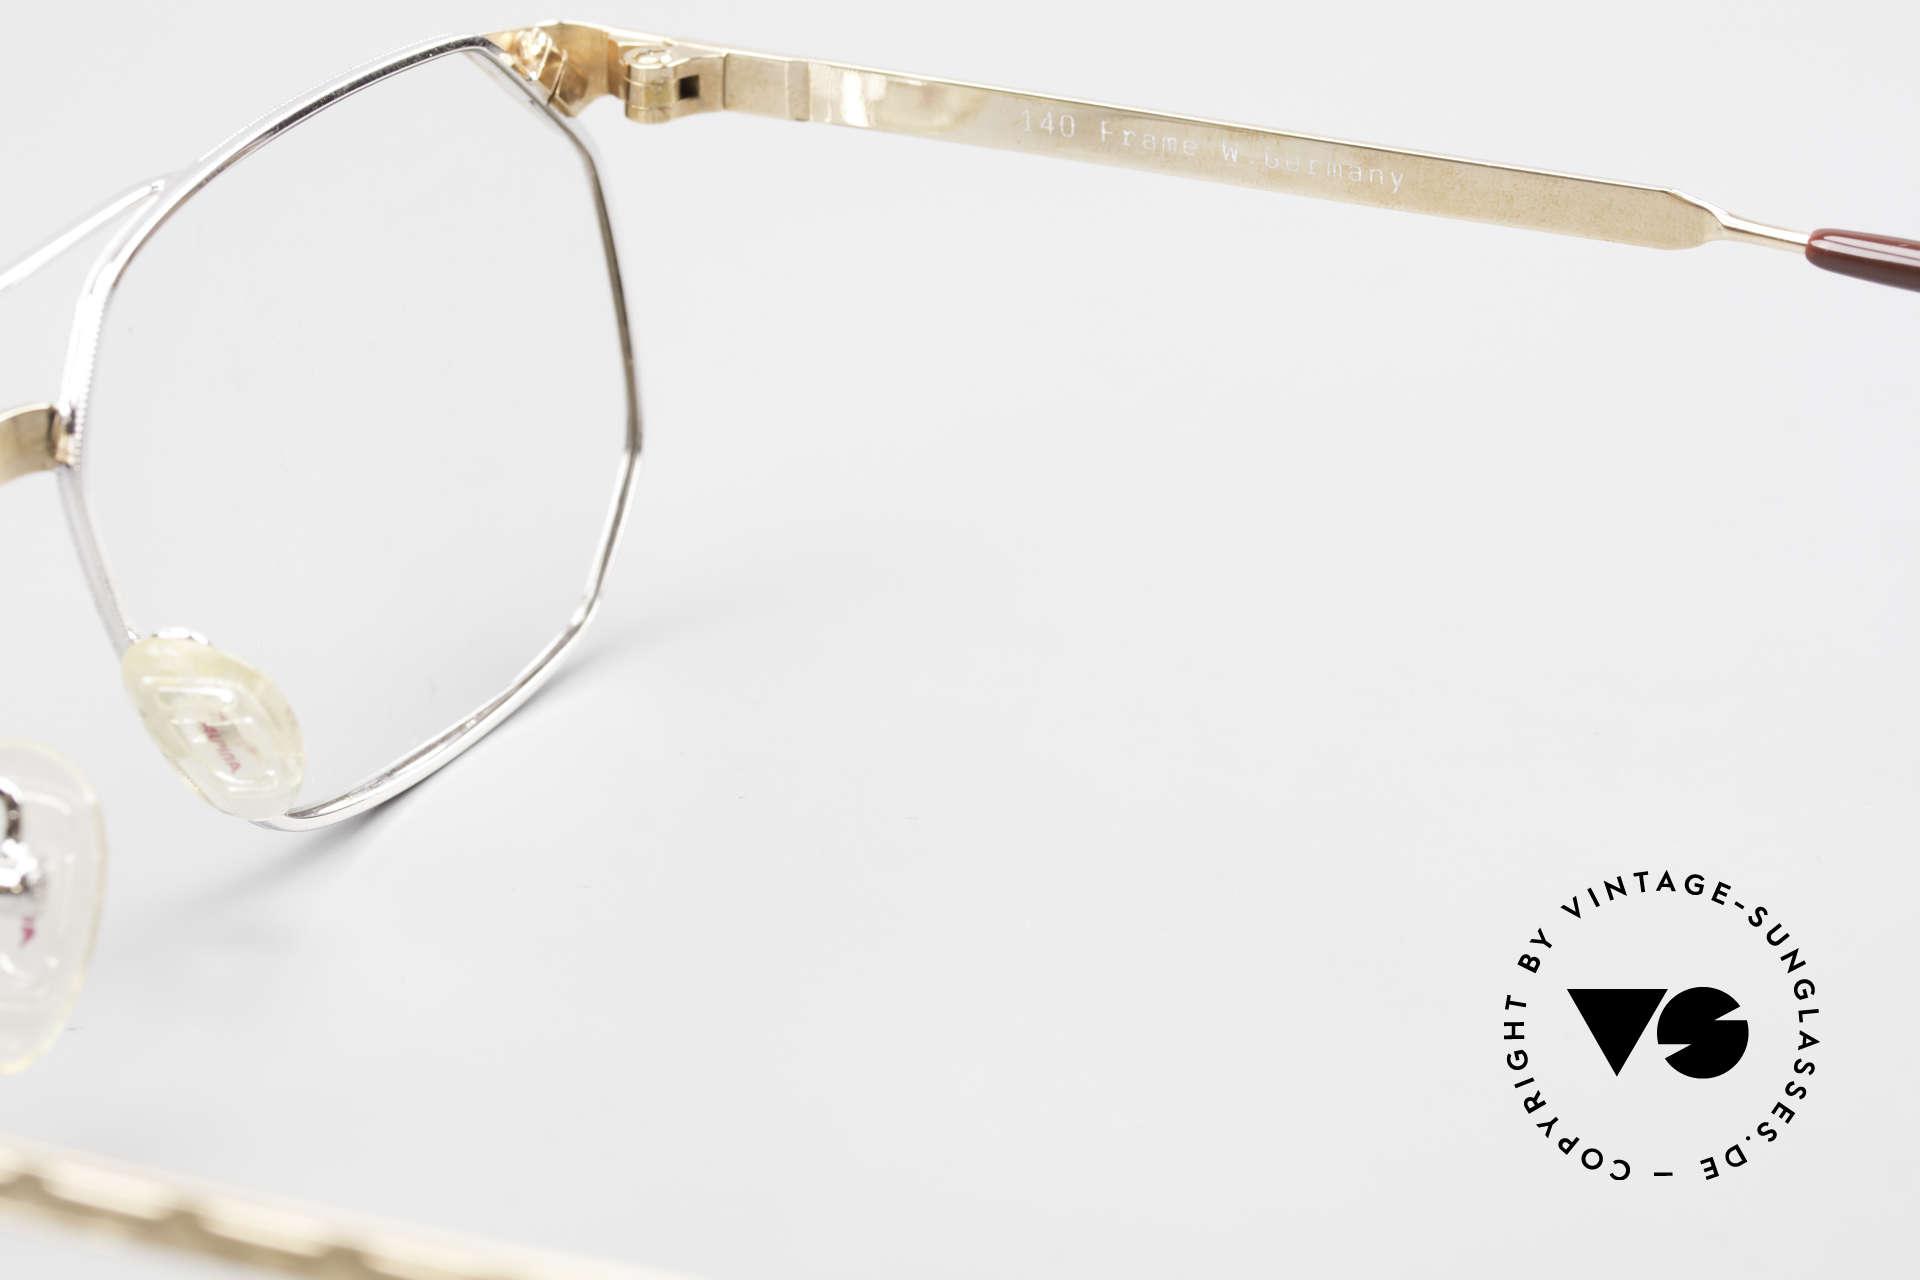 Alpina FM34 80's Designer Frame No Retro, demo lenses should be replaced with optical lenses, Made for Men